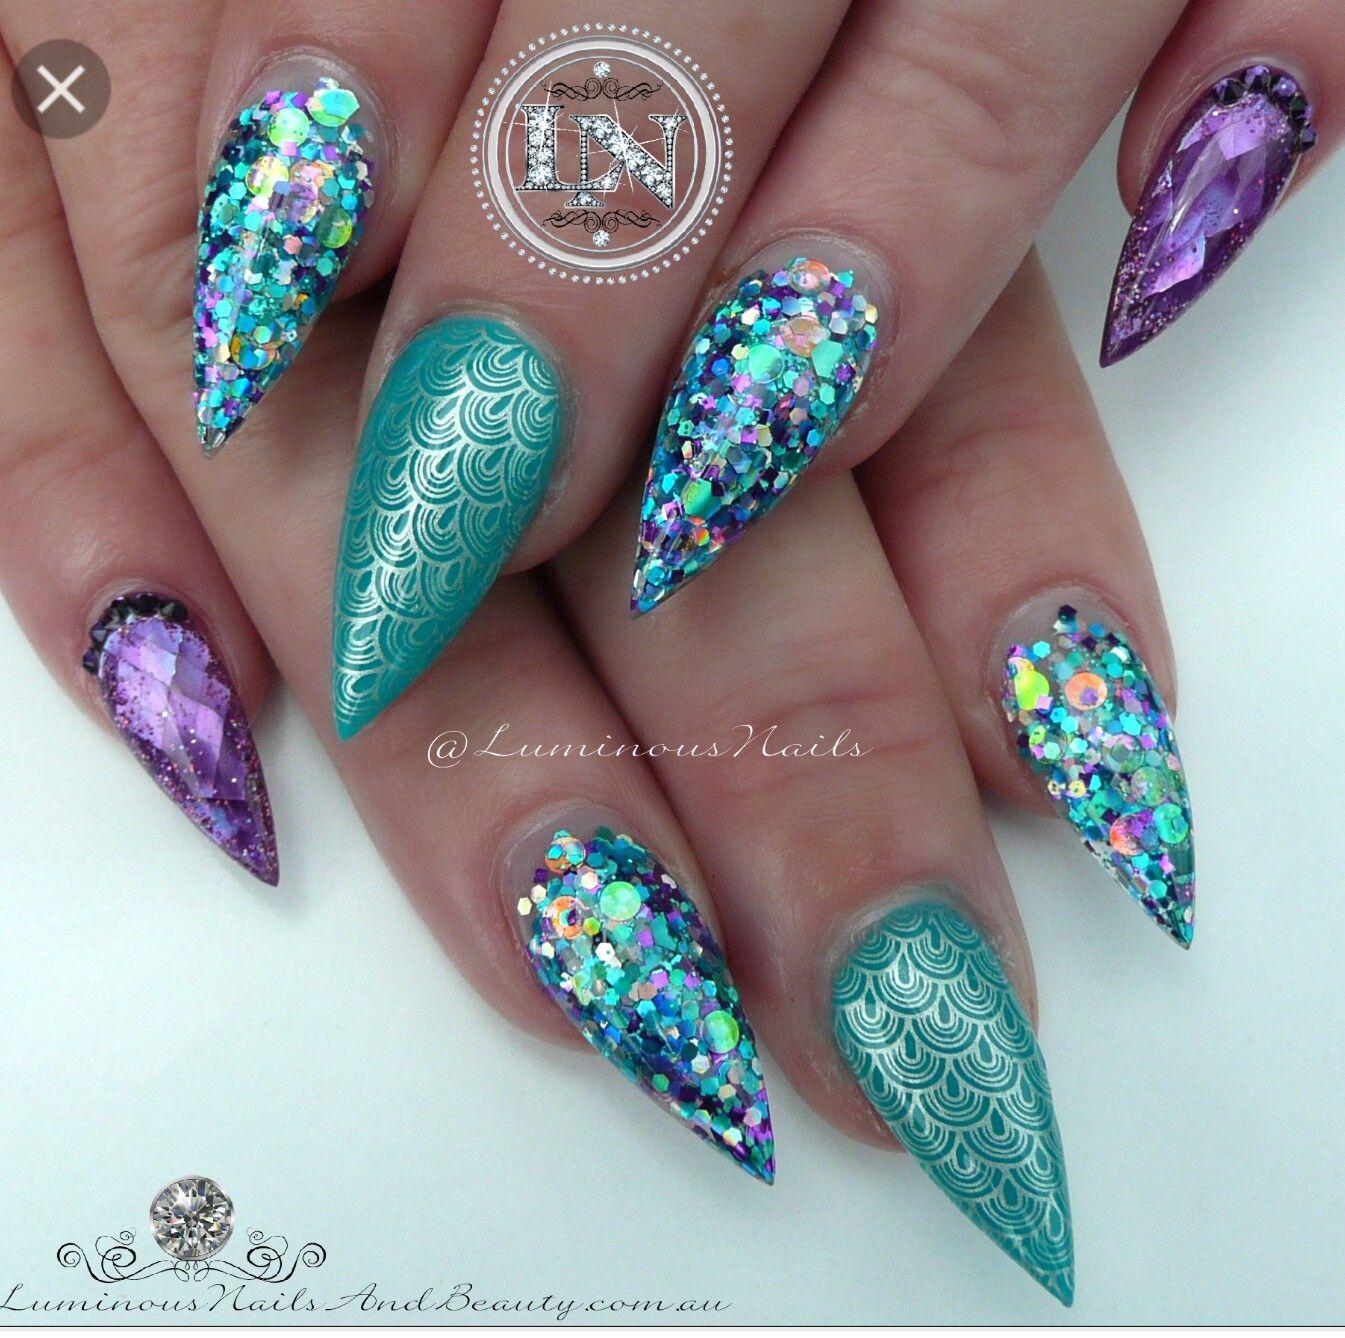 Pin von Princess auf nails | Pinterest | Fingernägel design ...